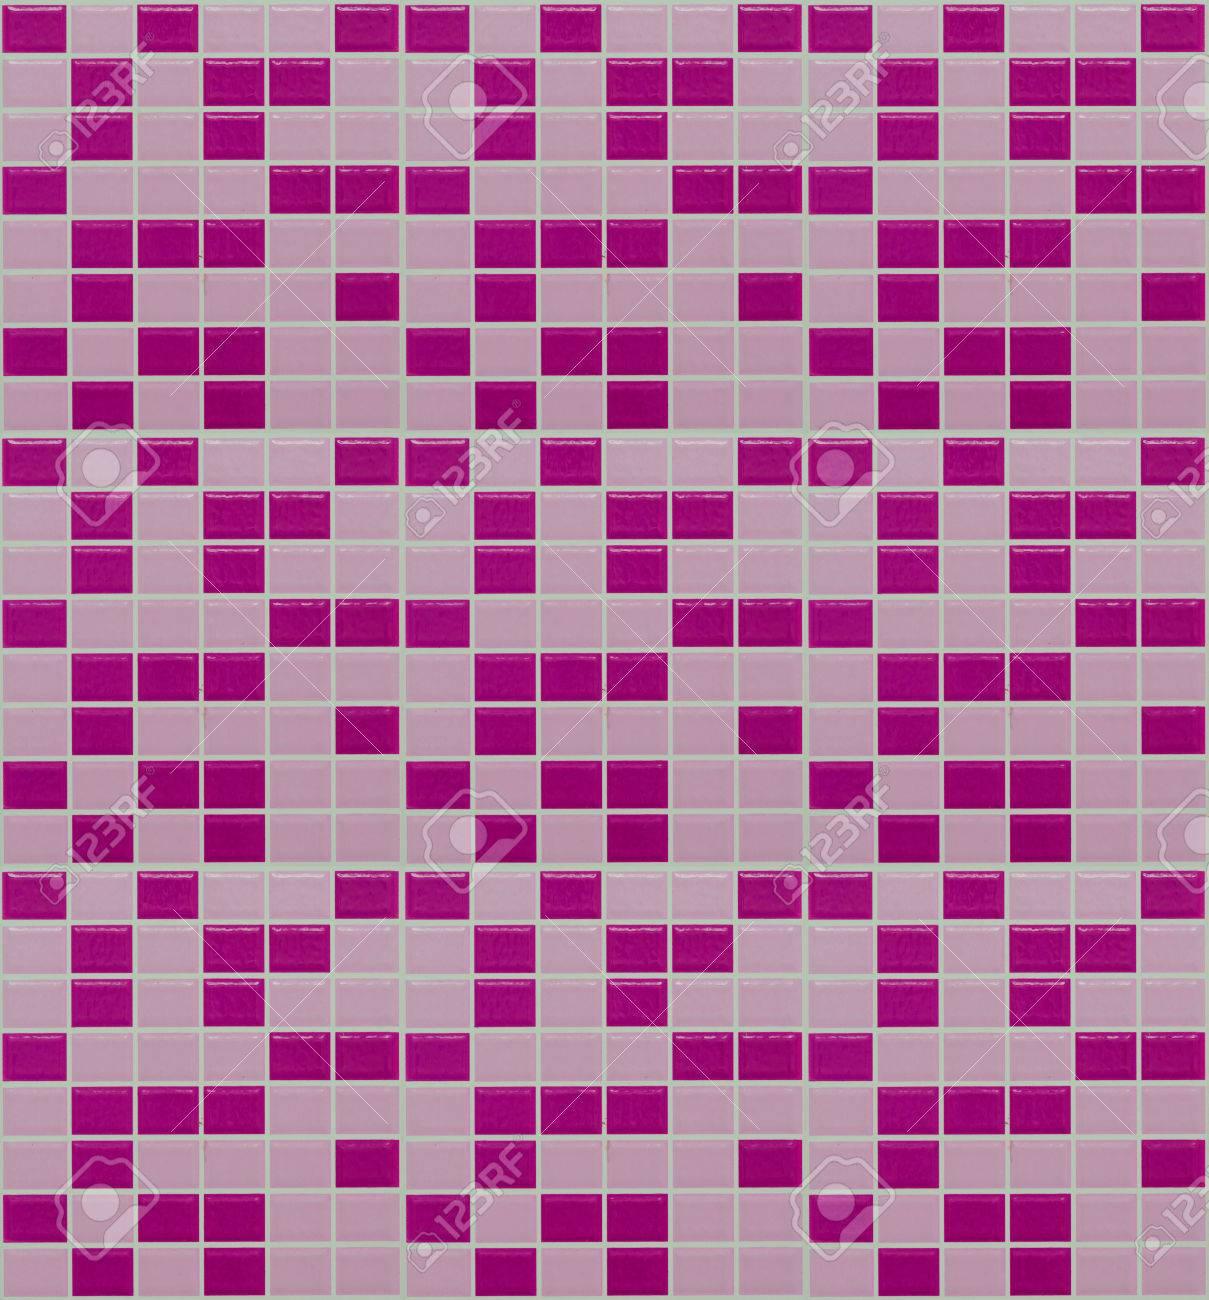 foto de archivo azulejos de mosaico de color rosa